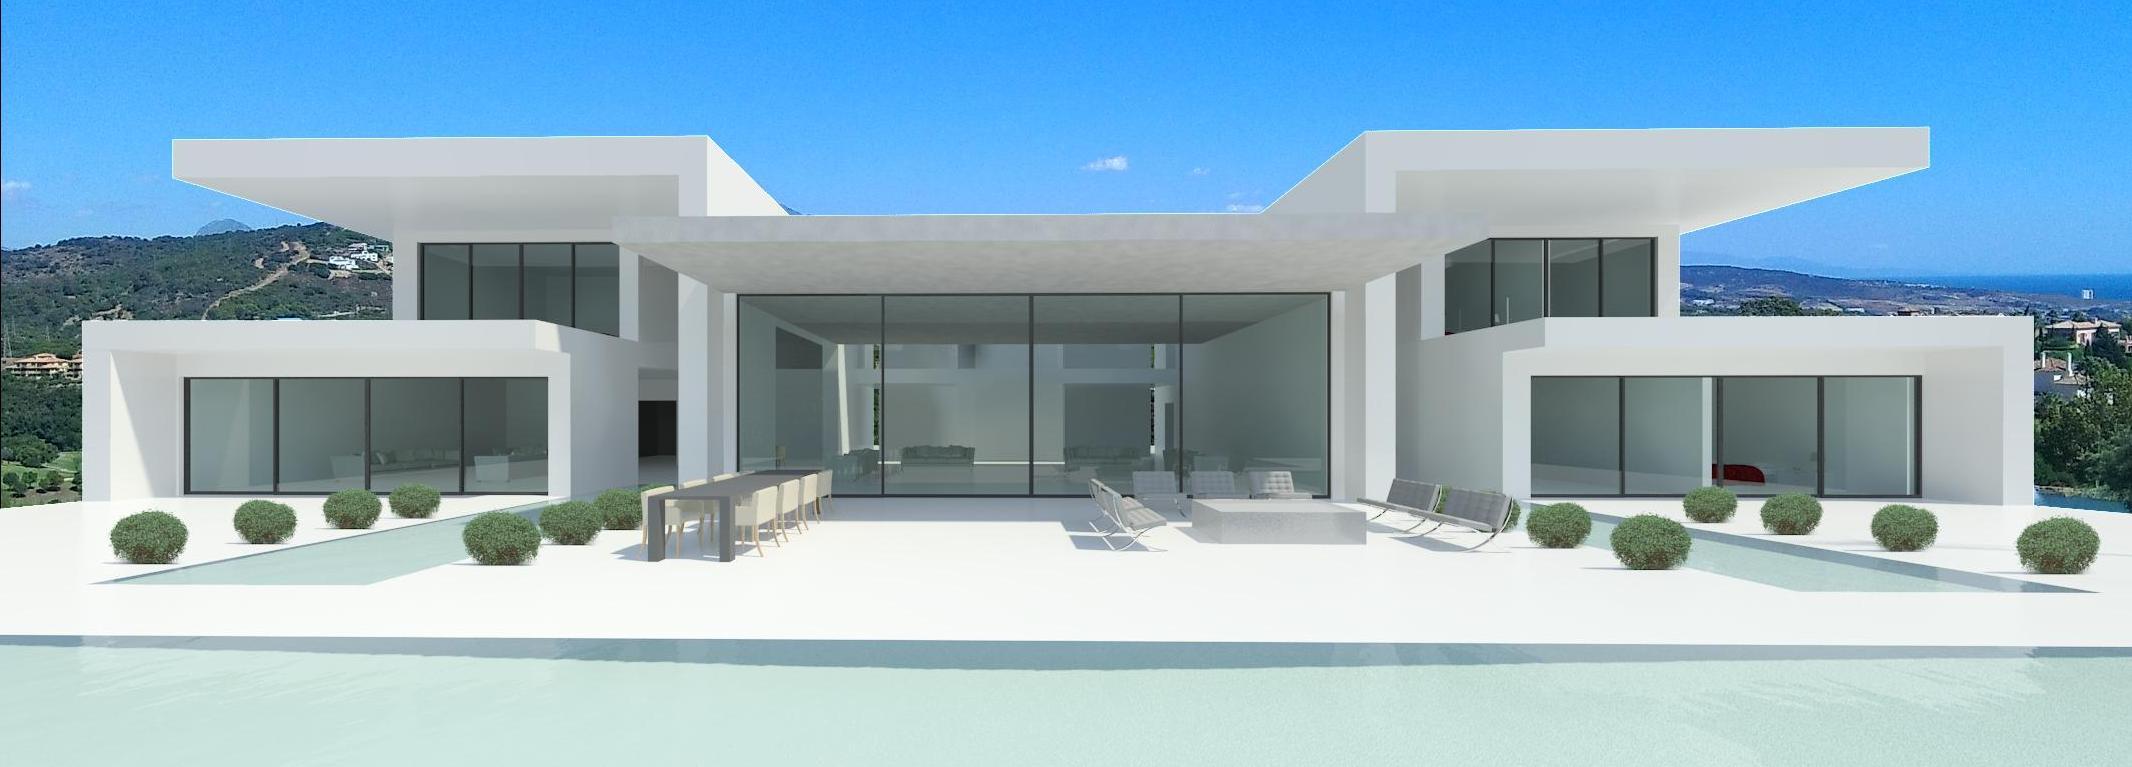 Best Maison Moderne De Luxe A Vendre Ideas - House Design ...